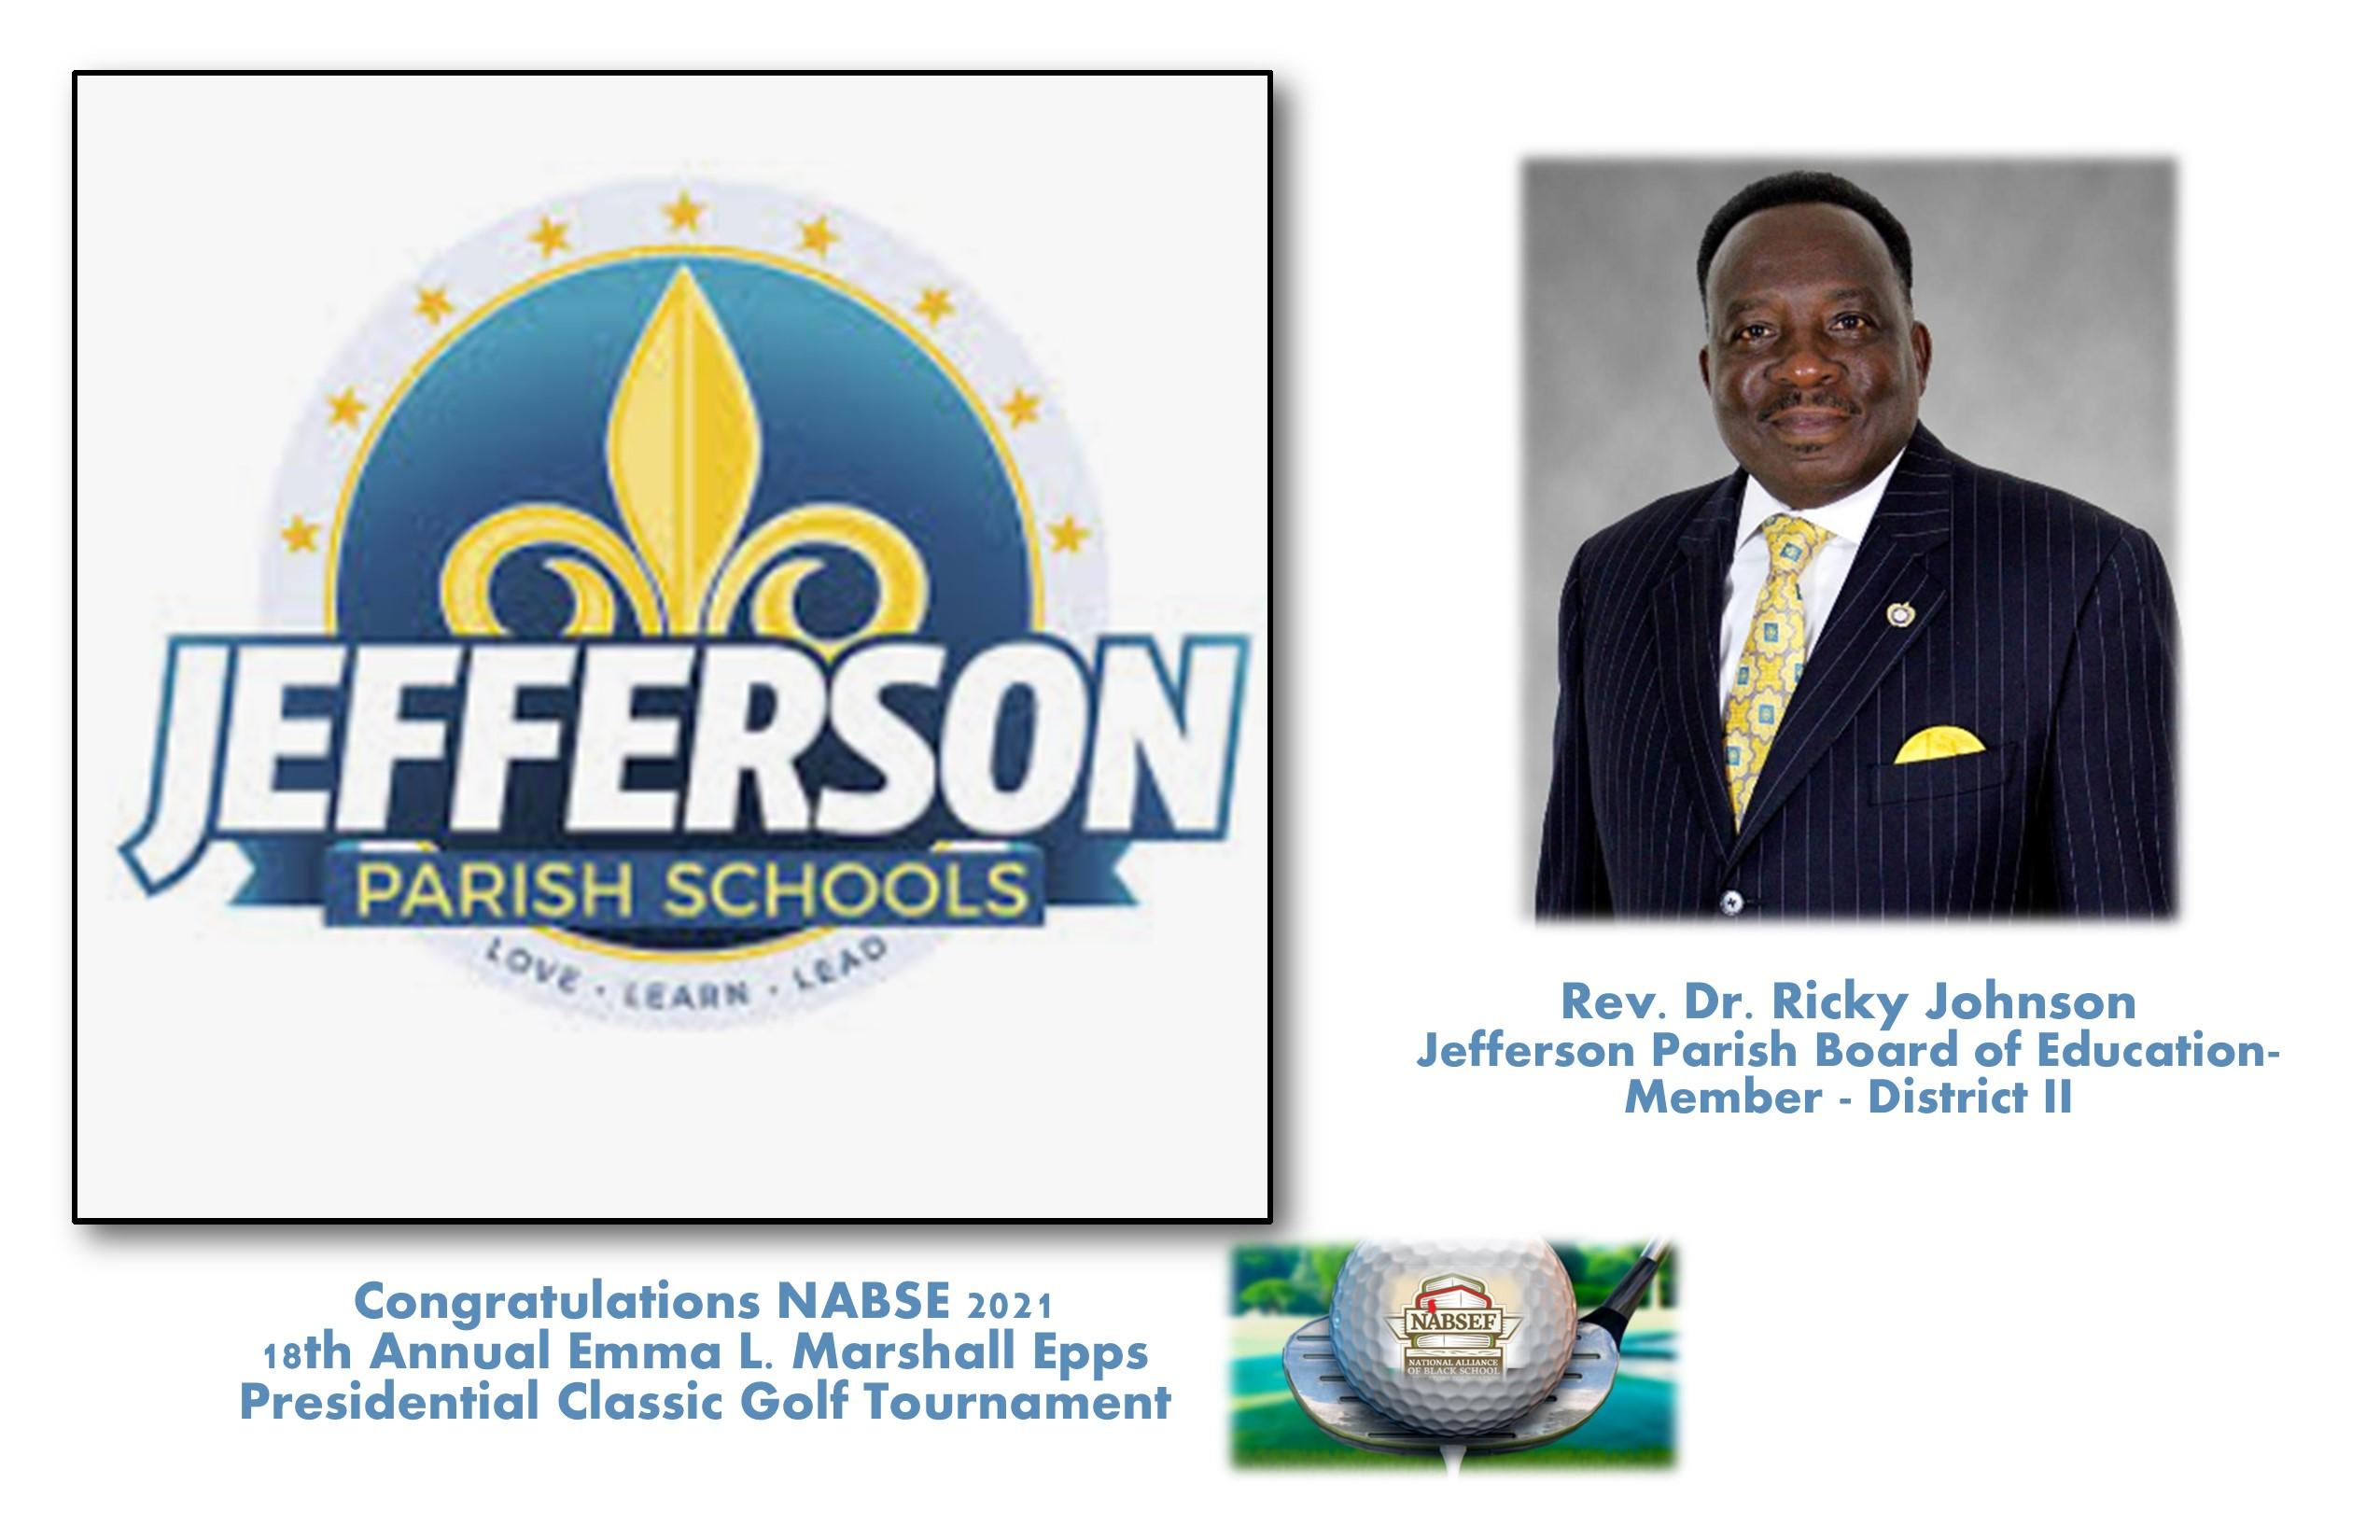 Board Member, Jefferson Parrish Schools